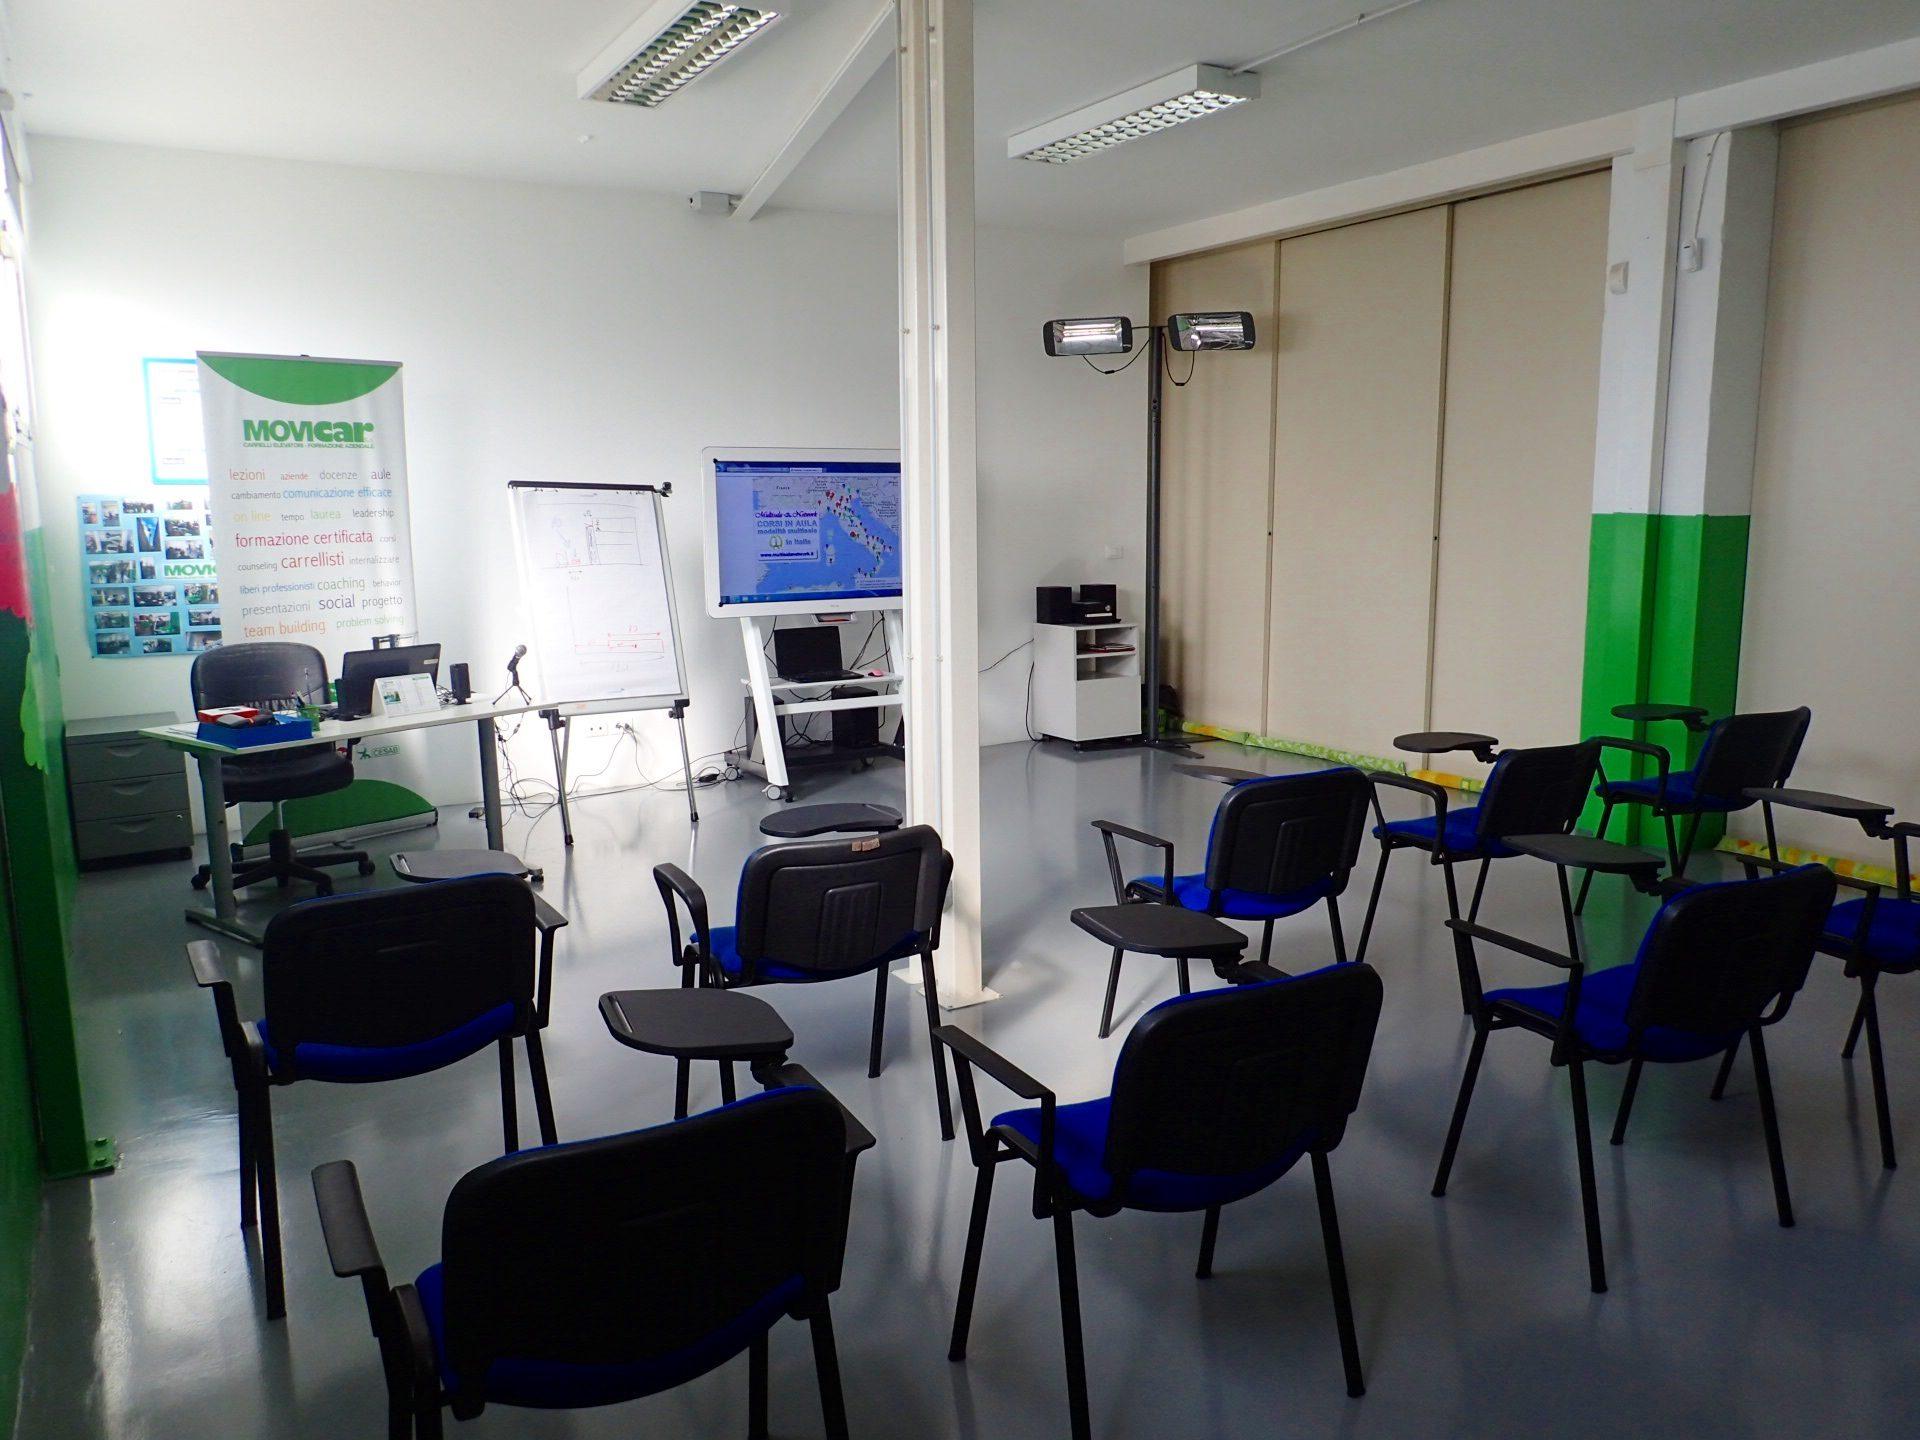 corsi in aula modalità multisala movicar